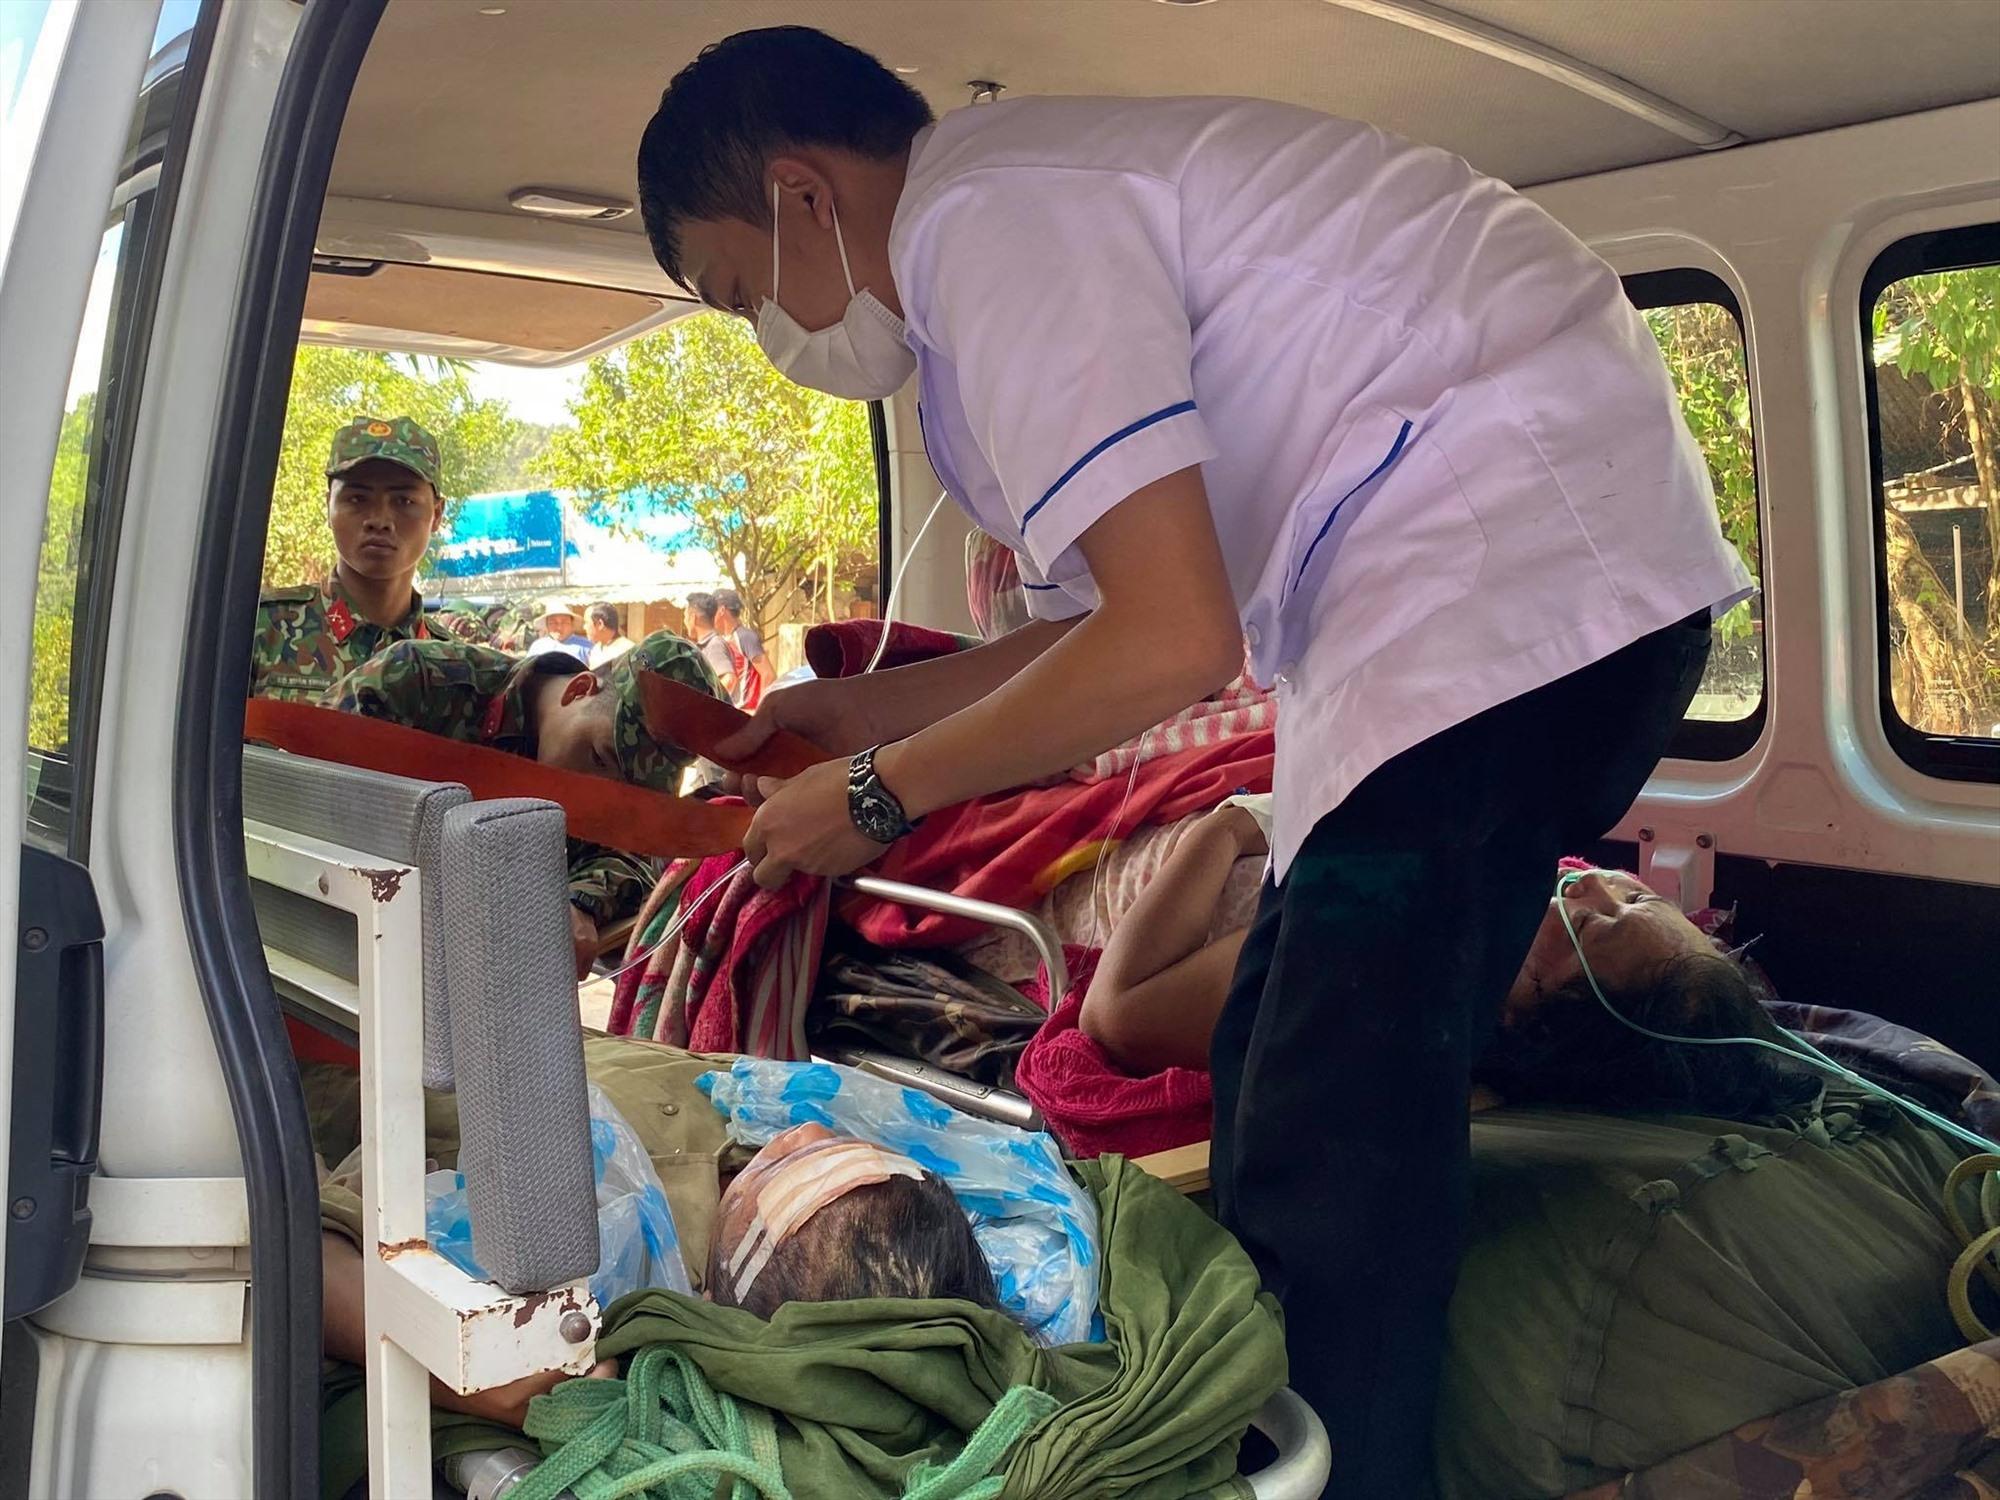 Các bệnh nhân sau khi được sơ cấp cứu tại bệnh viện dã chiến được chuyển lên xe cấp cứu đưa về Trung tâm Y tế huyện Bắc Trà My để điều trị.